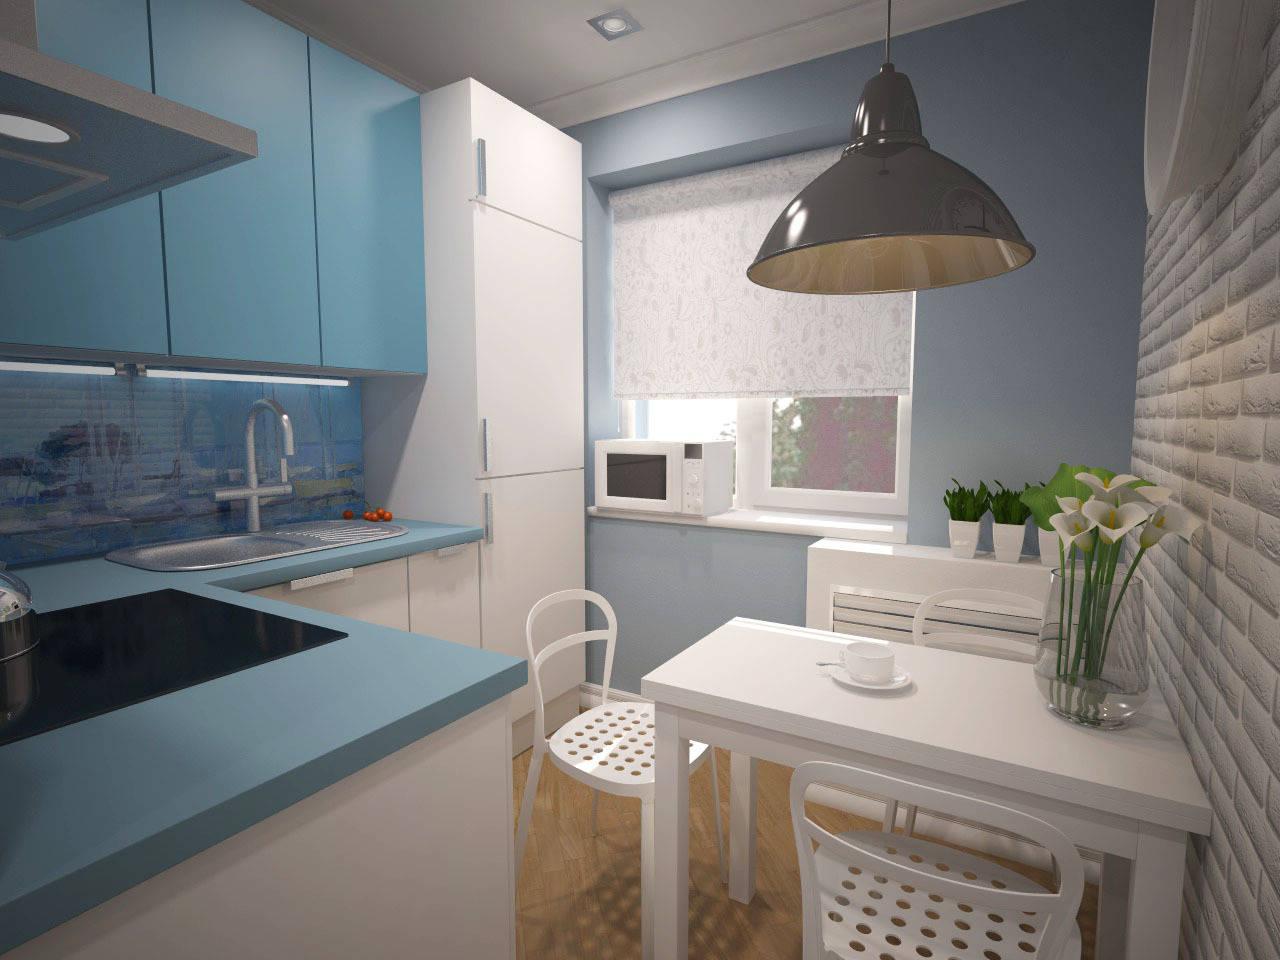 Квартира в скандинавском стиле/Apartment in Scandinavian style.